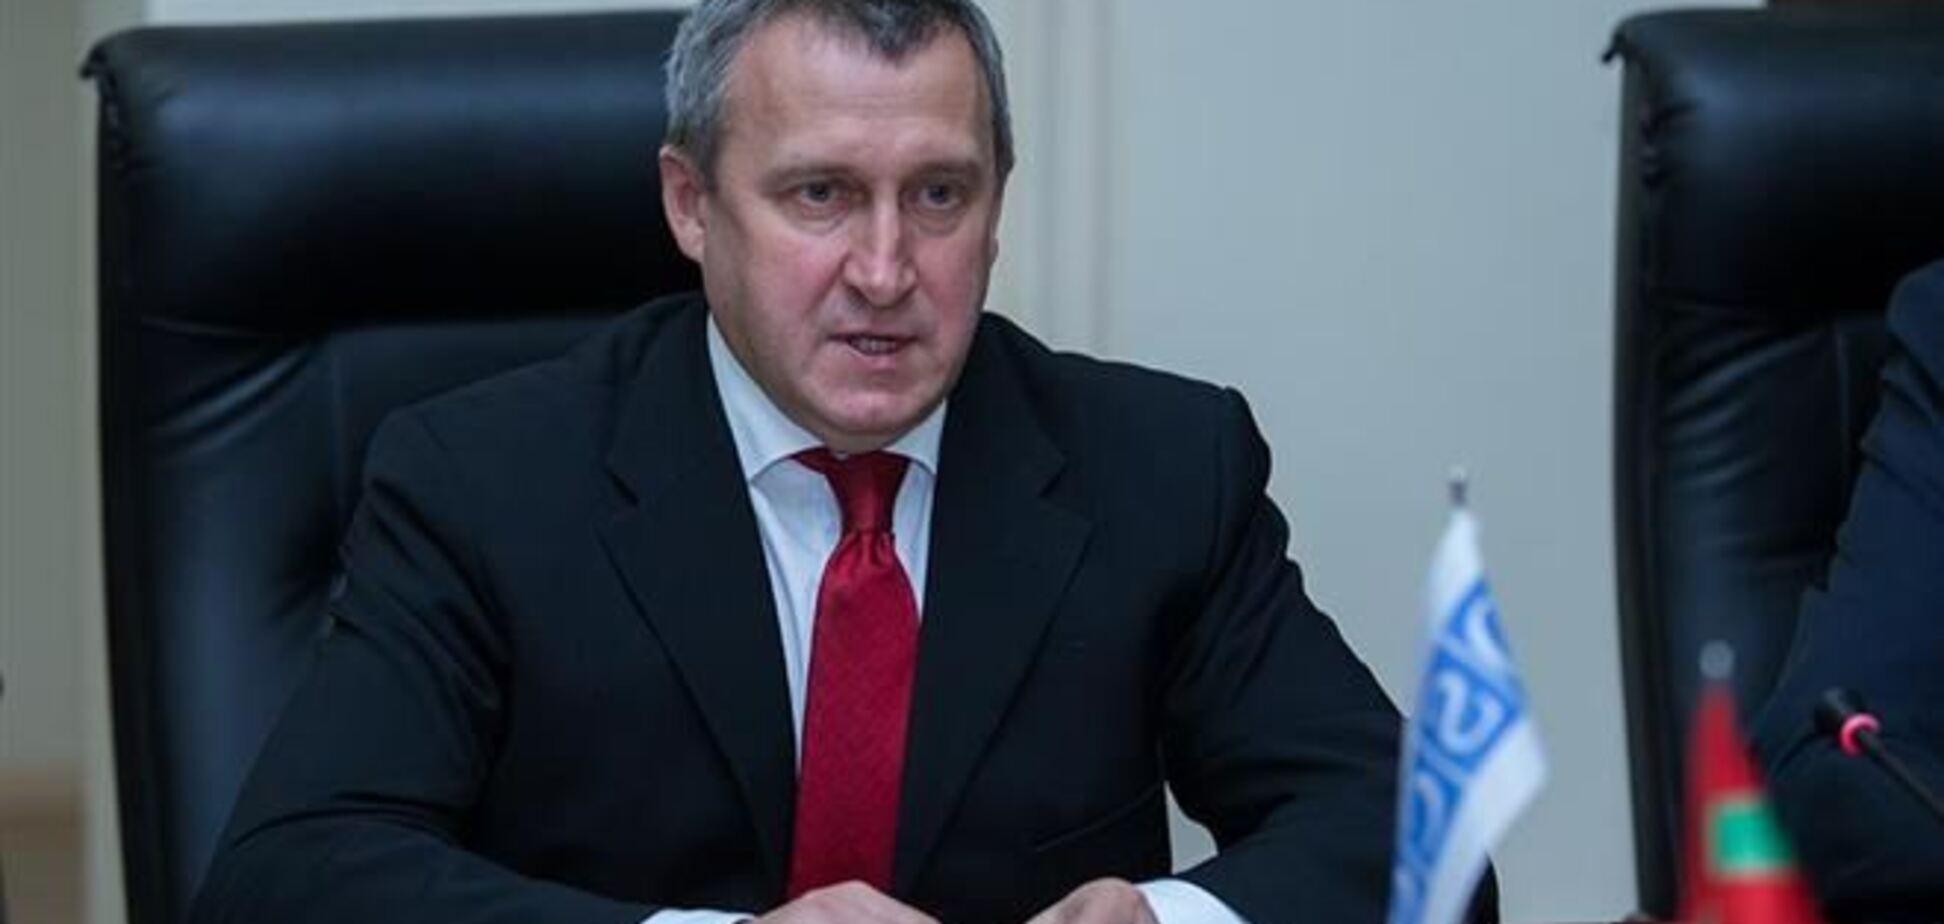 МИД России не хочет общаться с украинскими коллегами - Дещица